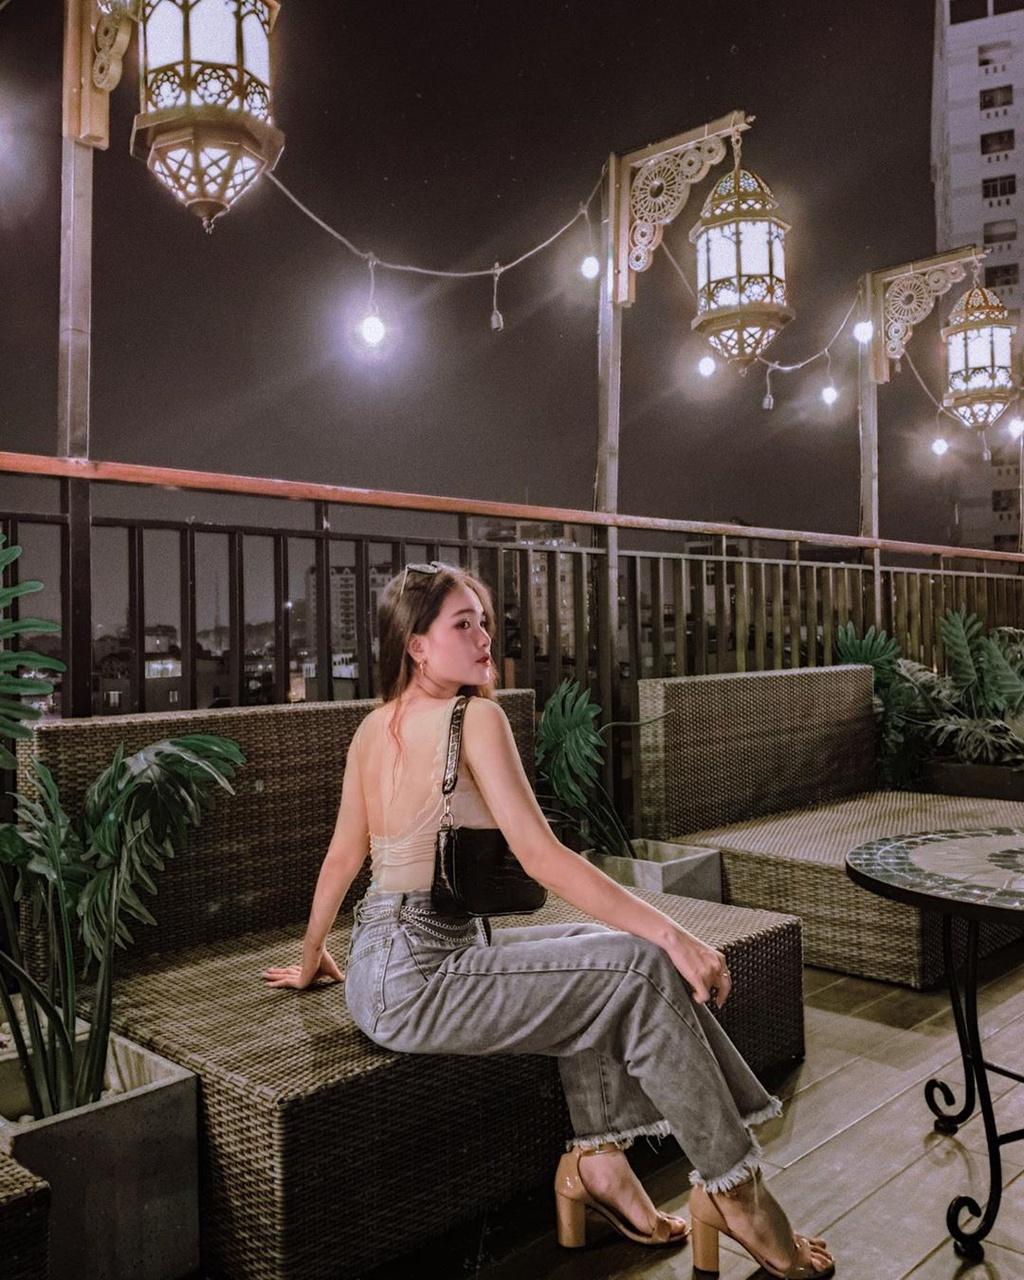 Chill cuối tuần tại những quán cà phê có sân thượng ở TP.HCM